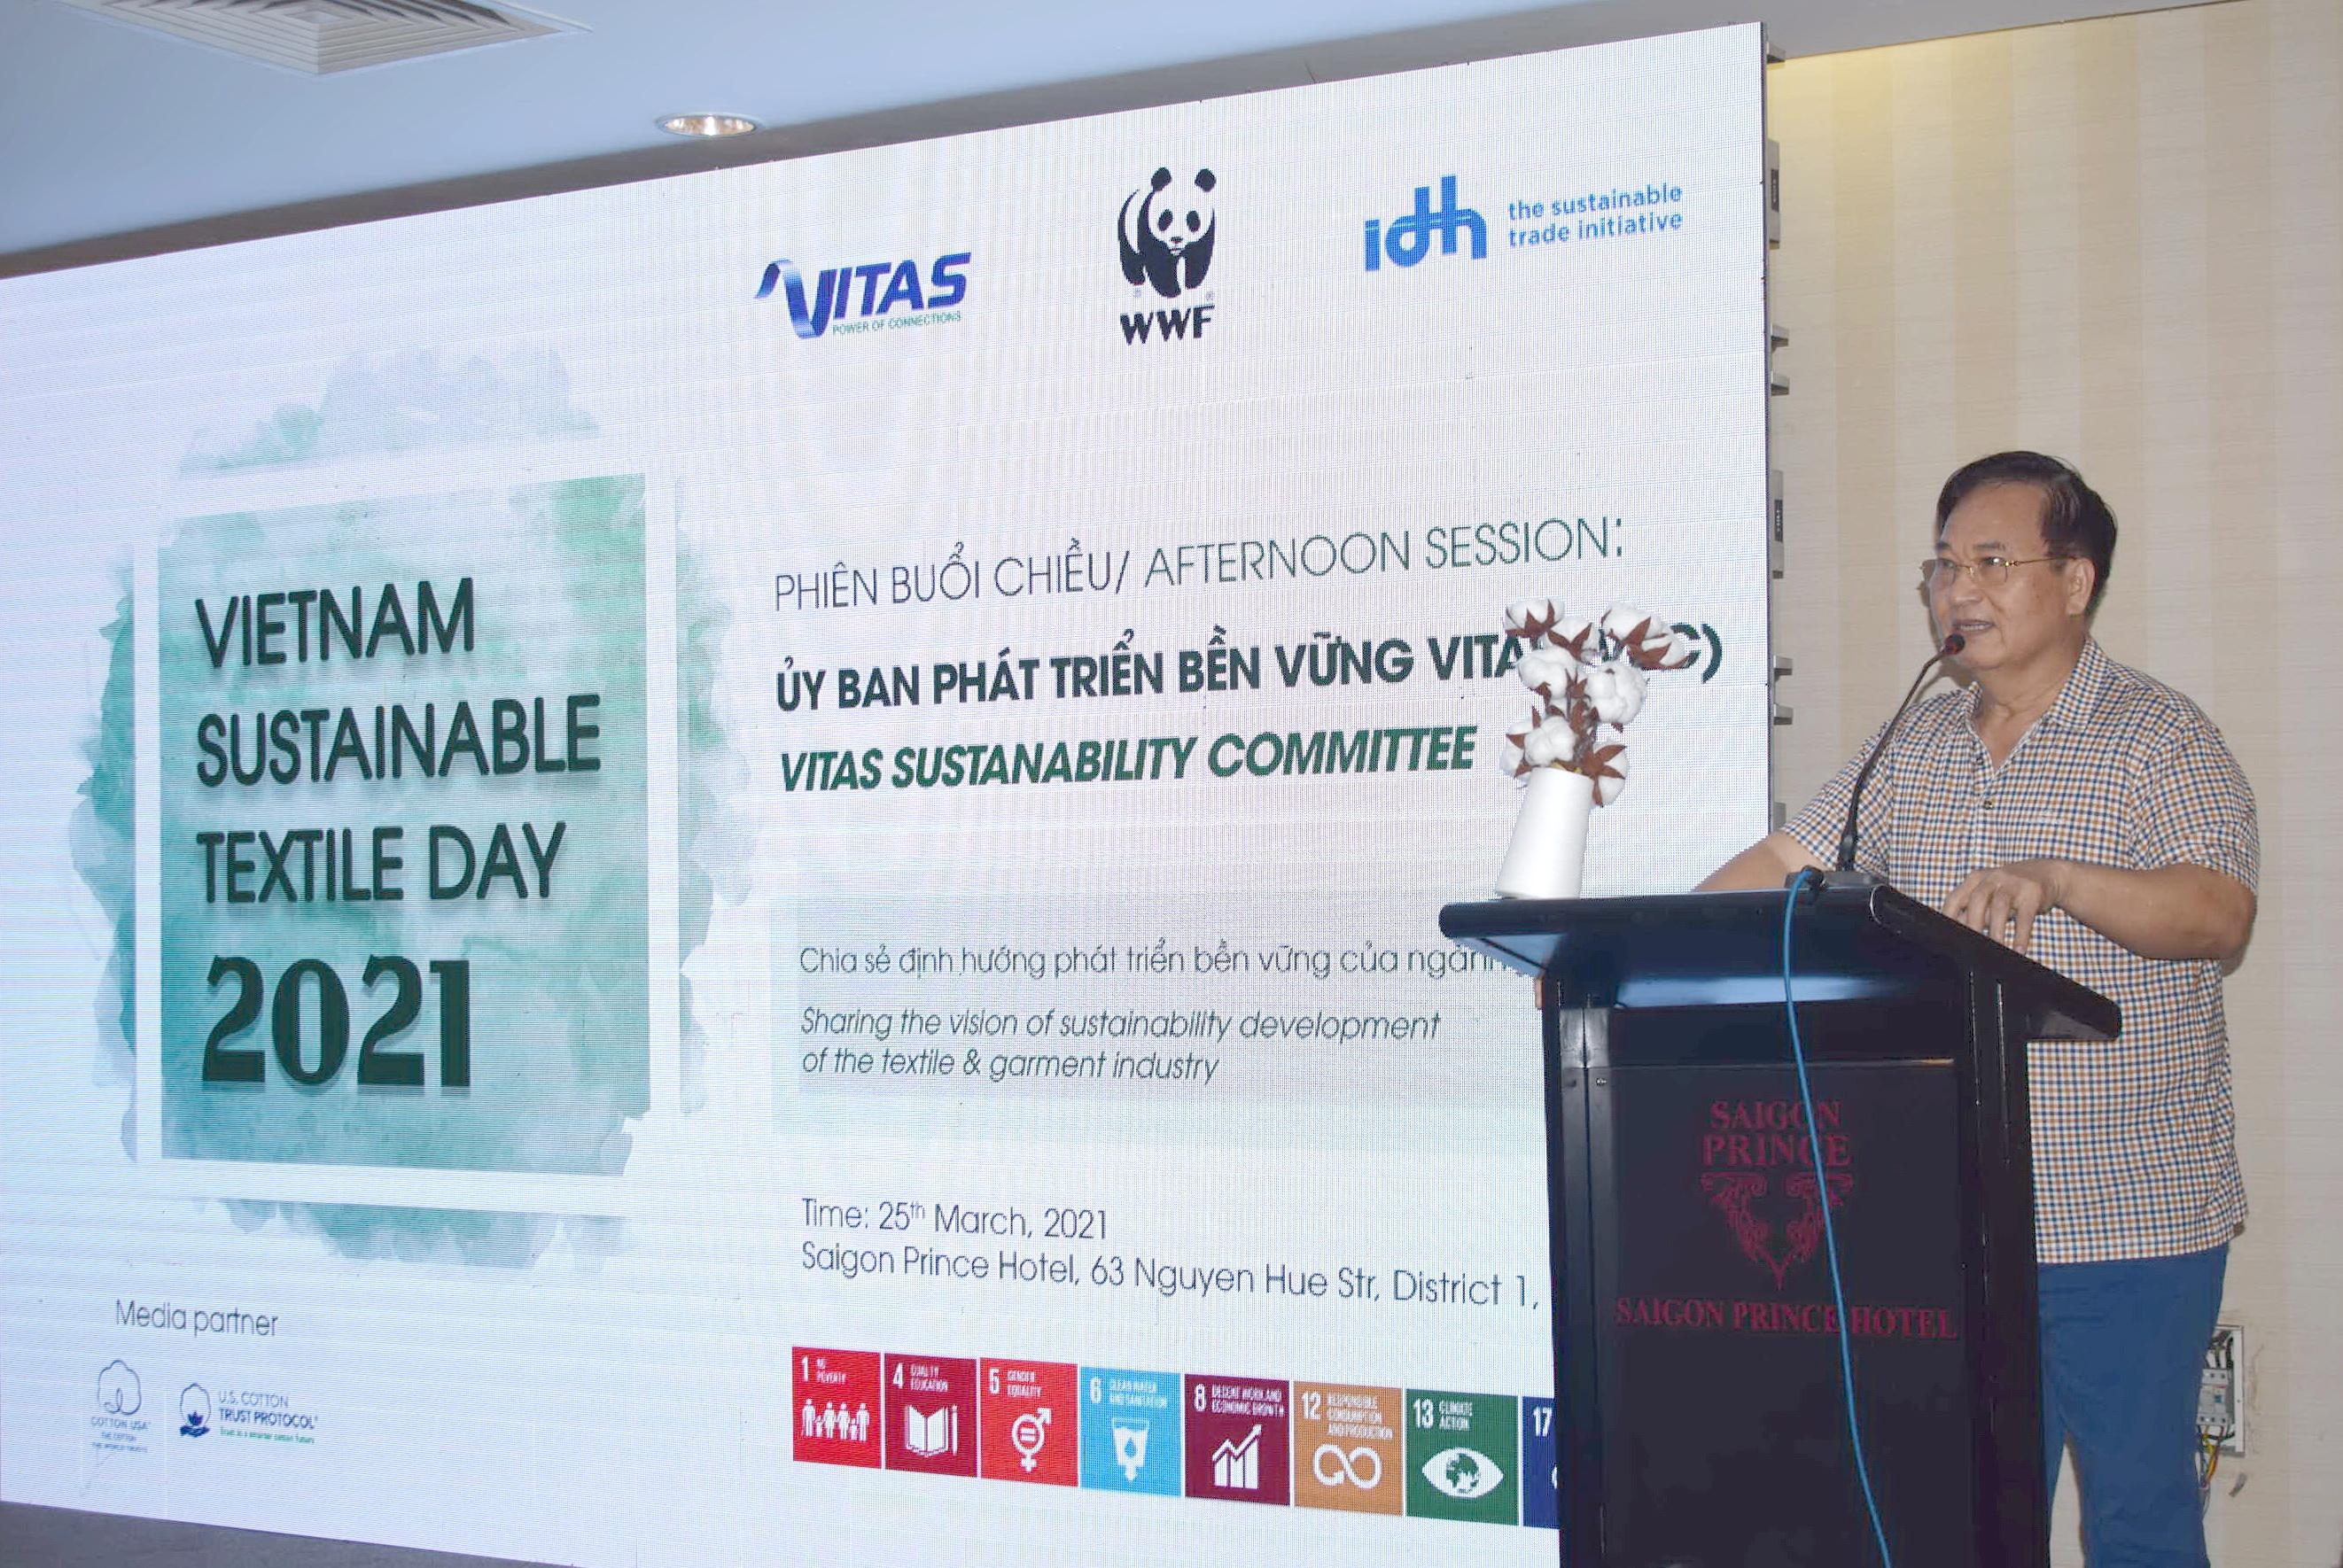 Hơn 140 đại biểu tham dự hội nghị công tác hội viên và họp mặt Ủy ban PTBV VITAS tại TP. HCM